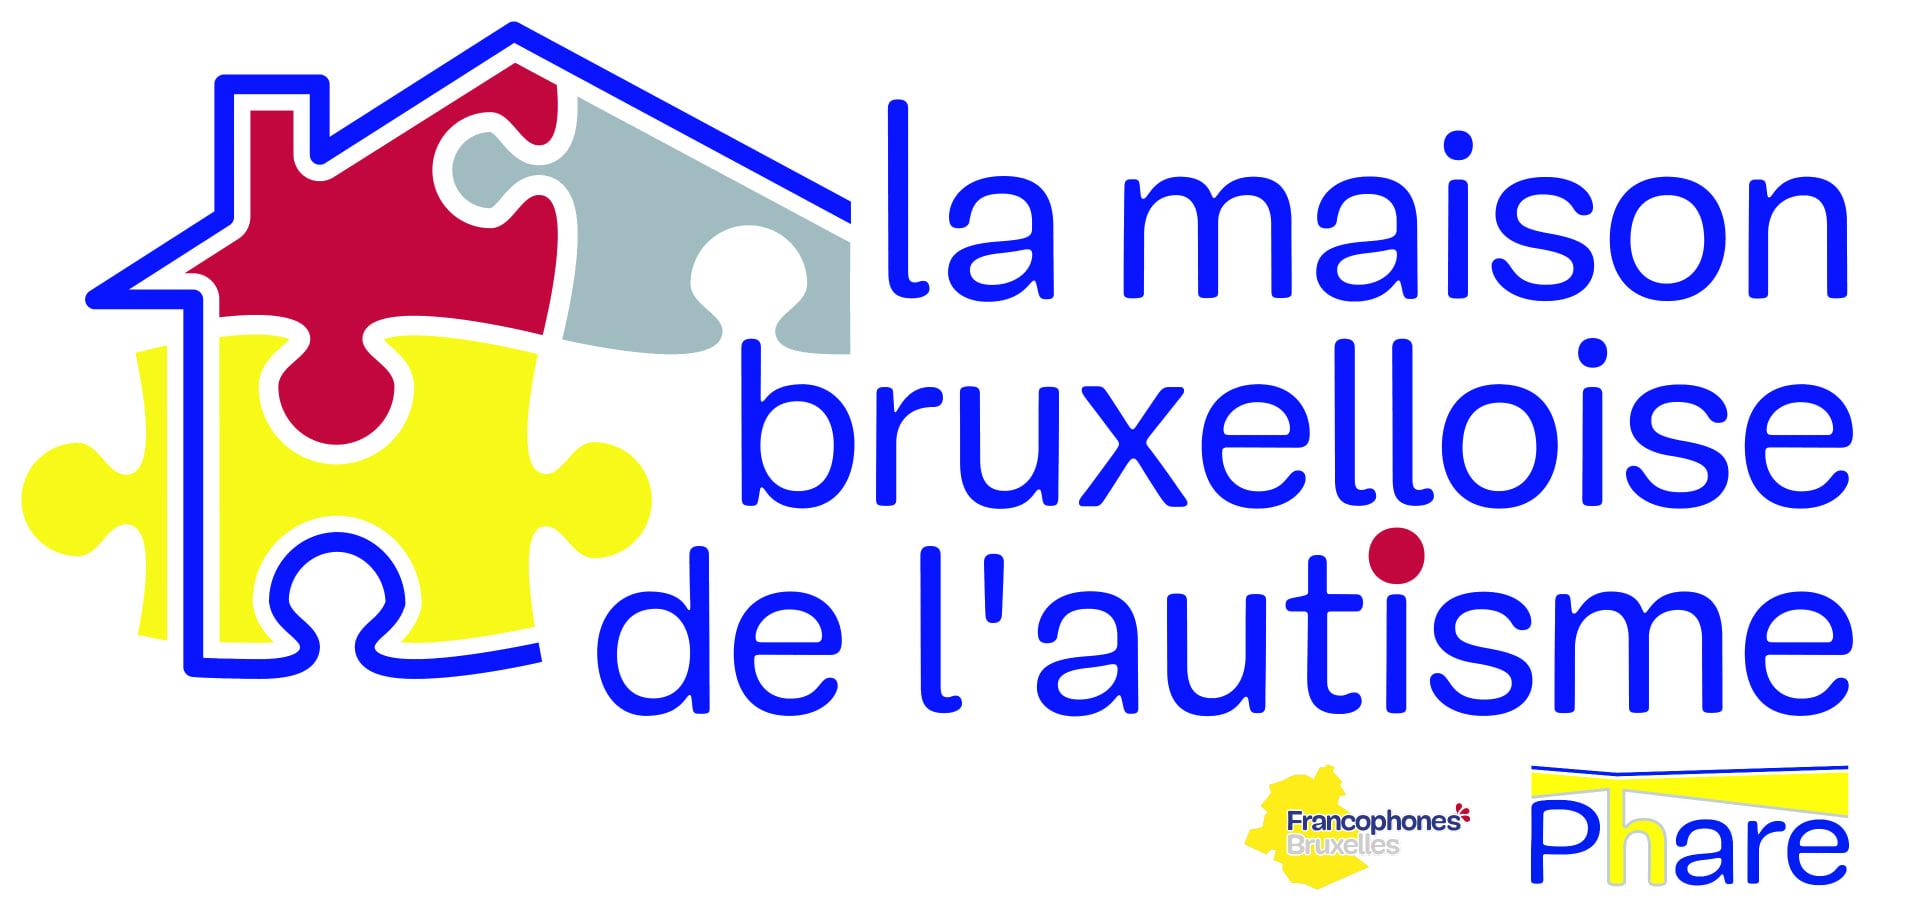 Quelle Maison bruxelloise de l'Autisme pour demain?